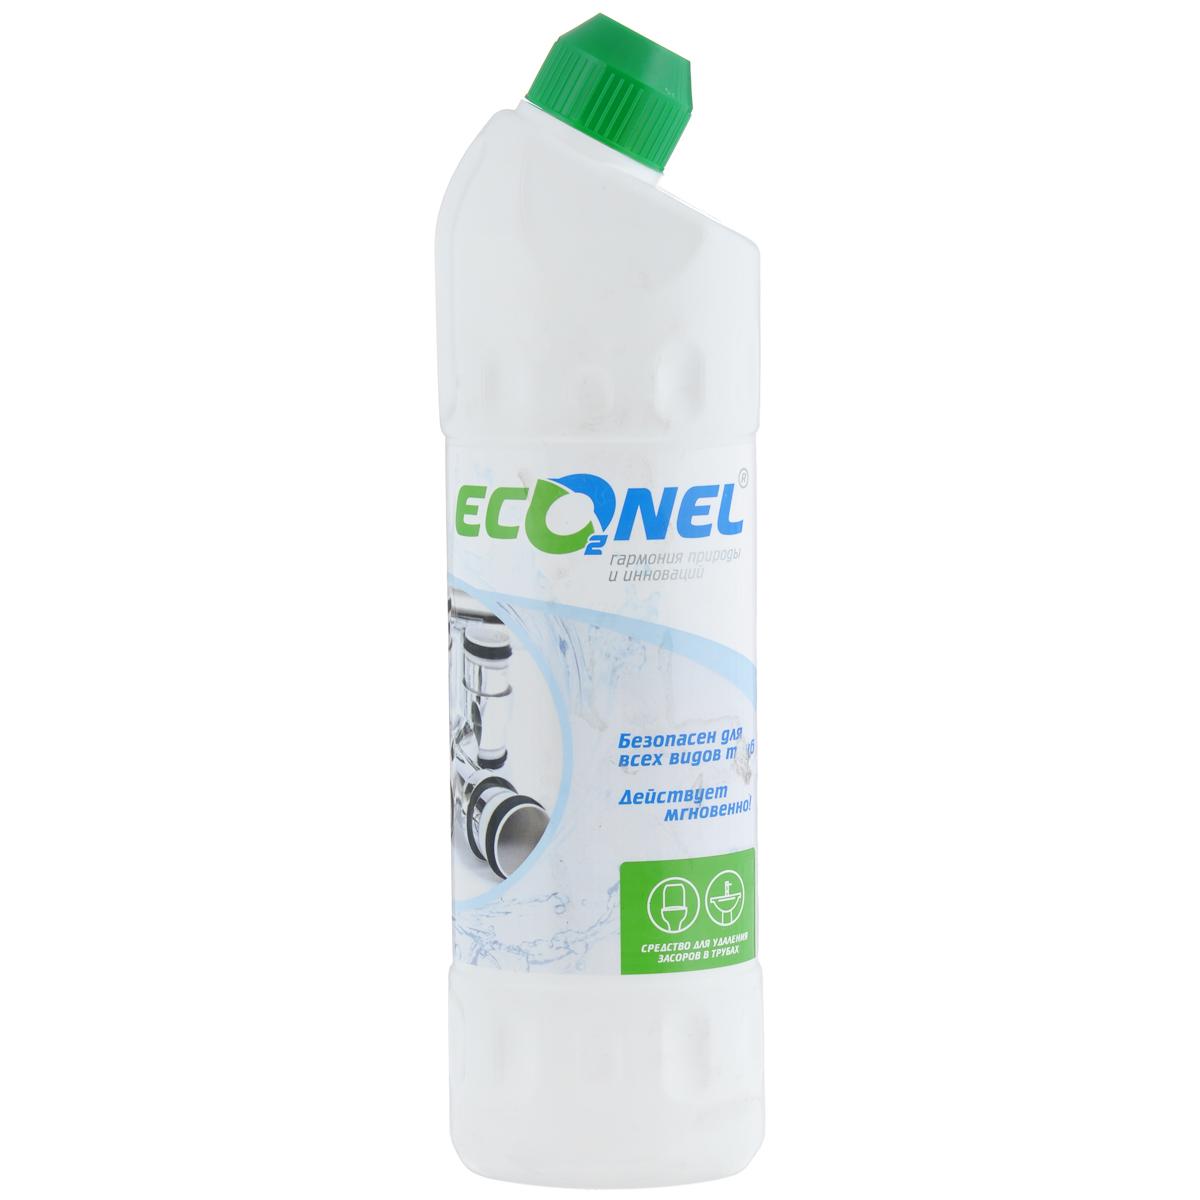 """Средство """"Econel"""" предназначено для бытовых нужд, очистки водостоков ванн, умывальников и канализационных труб от засорения органическими посторонними материалами и отходами жирового характера. Состав: 5-15% гидроксид натрия, более 30% вода очищенная.    Как выбрать качественную бытовую химию, безопасную для природы и людей. Статья OZON Гид"""